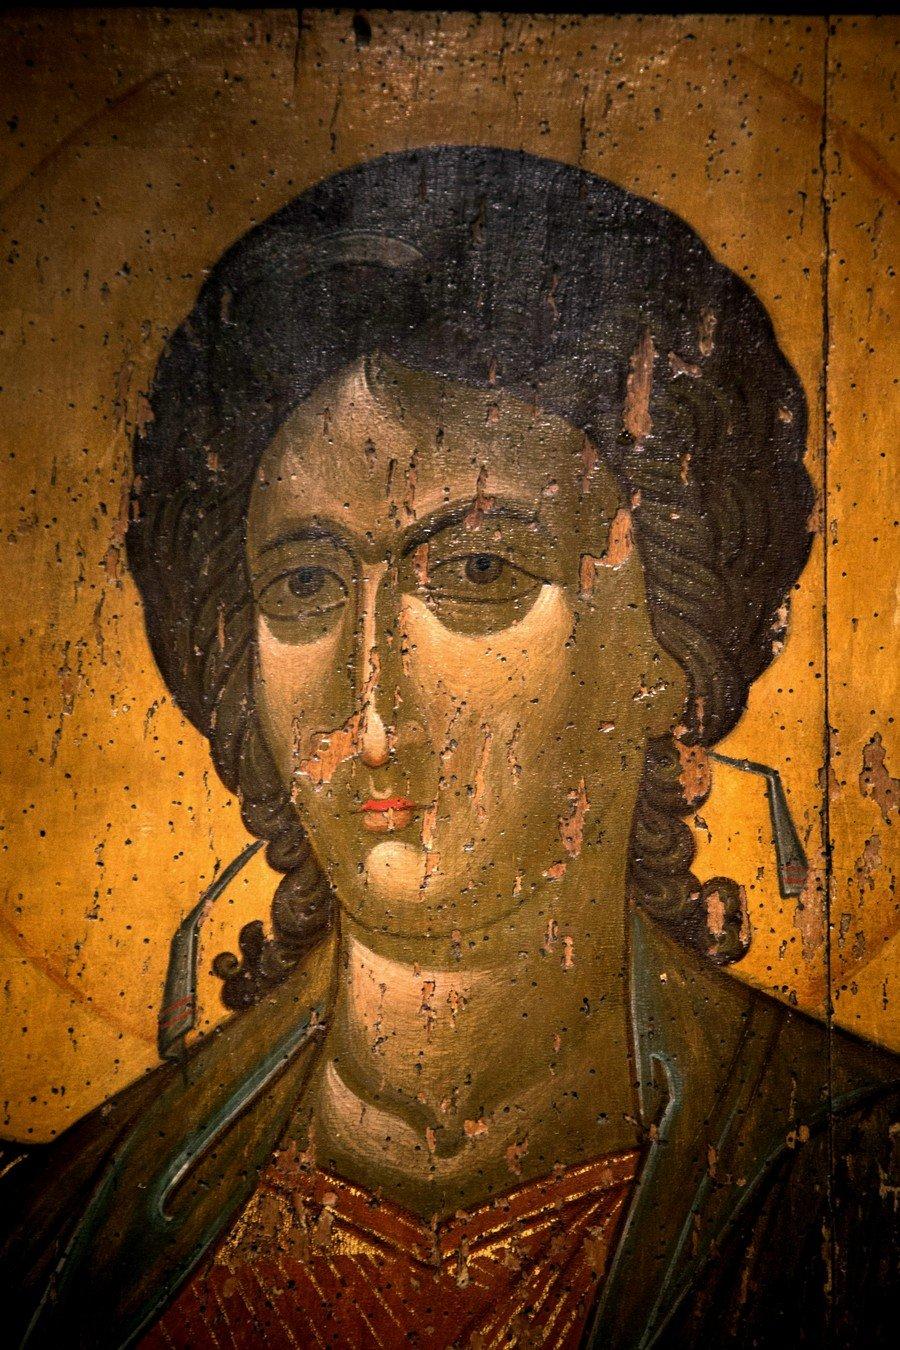 Архангел Гавриил. Икона из деисиса монастыря Убиса (Убиси). Грузия, XIV век. Фрагмент.